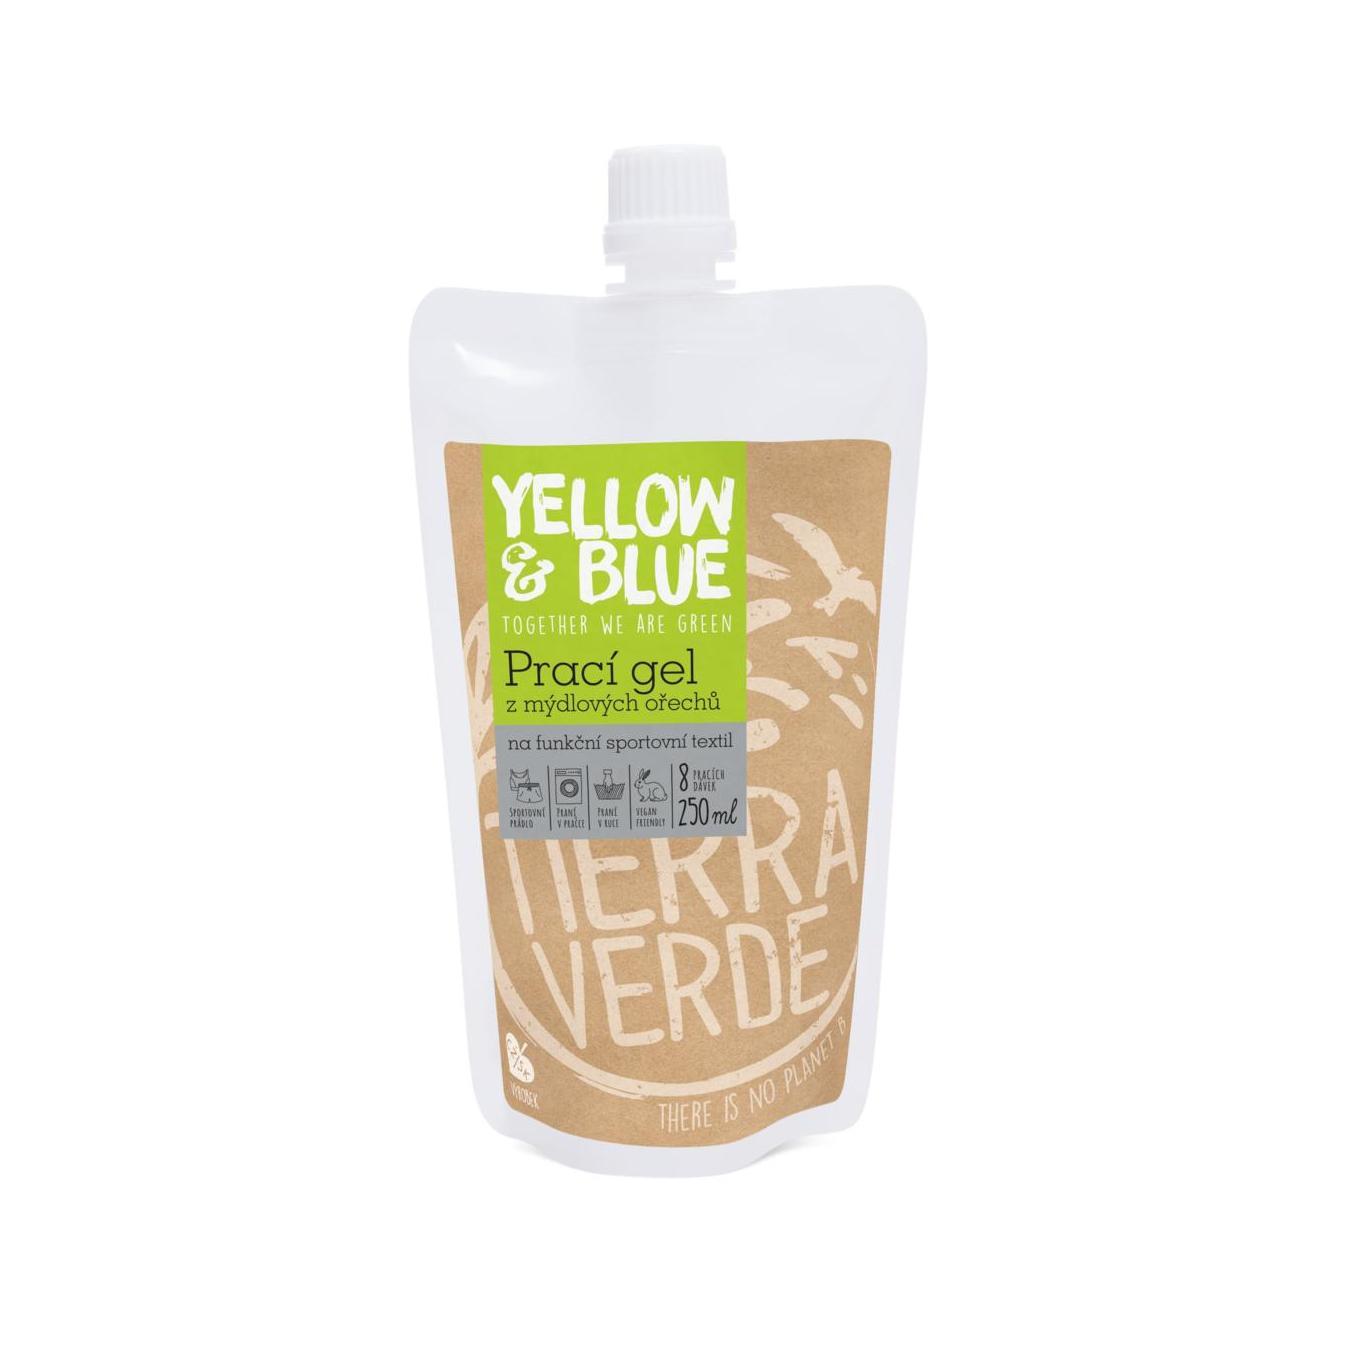 Yellow and Blue Prací gel z ořechů Sport s koloidním stříbrem 250 ml